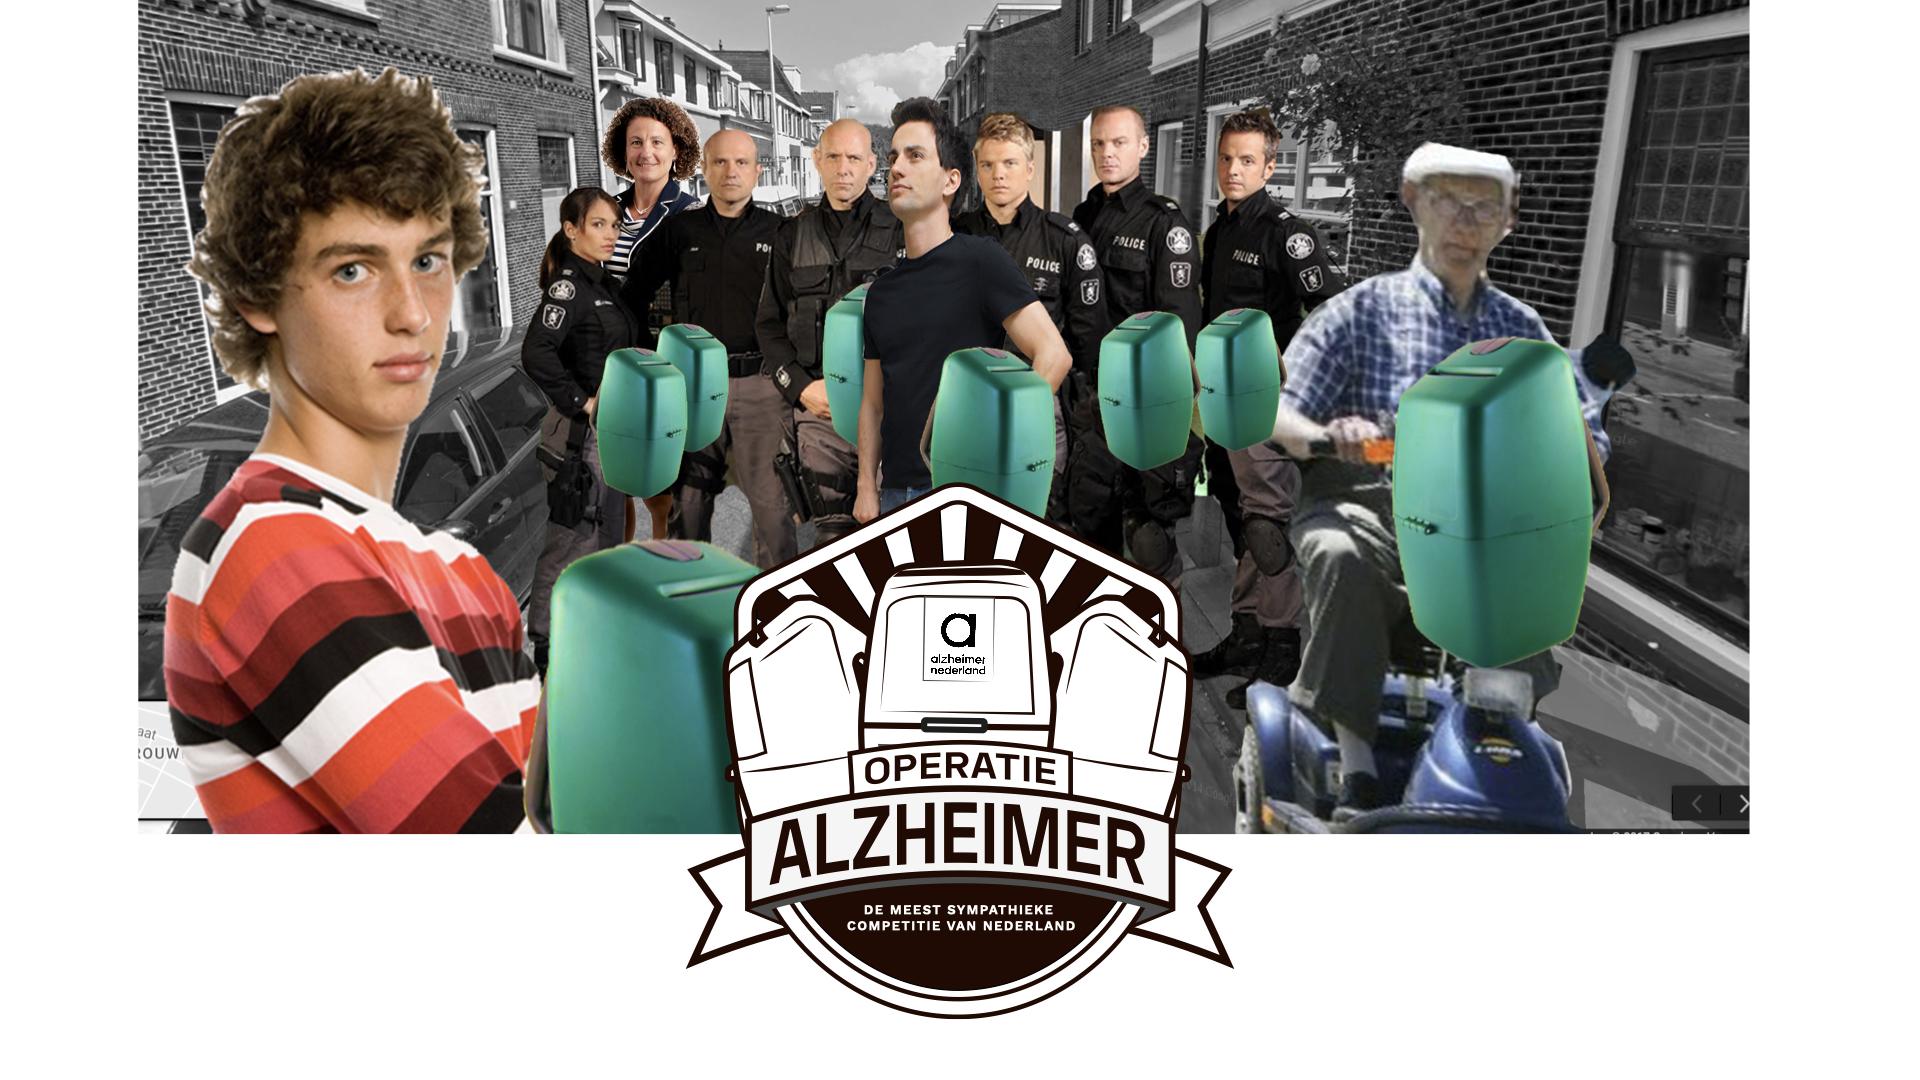 alzheimer-game-shot.002.jpeg.001